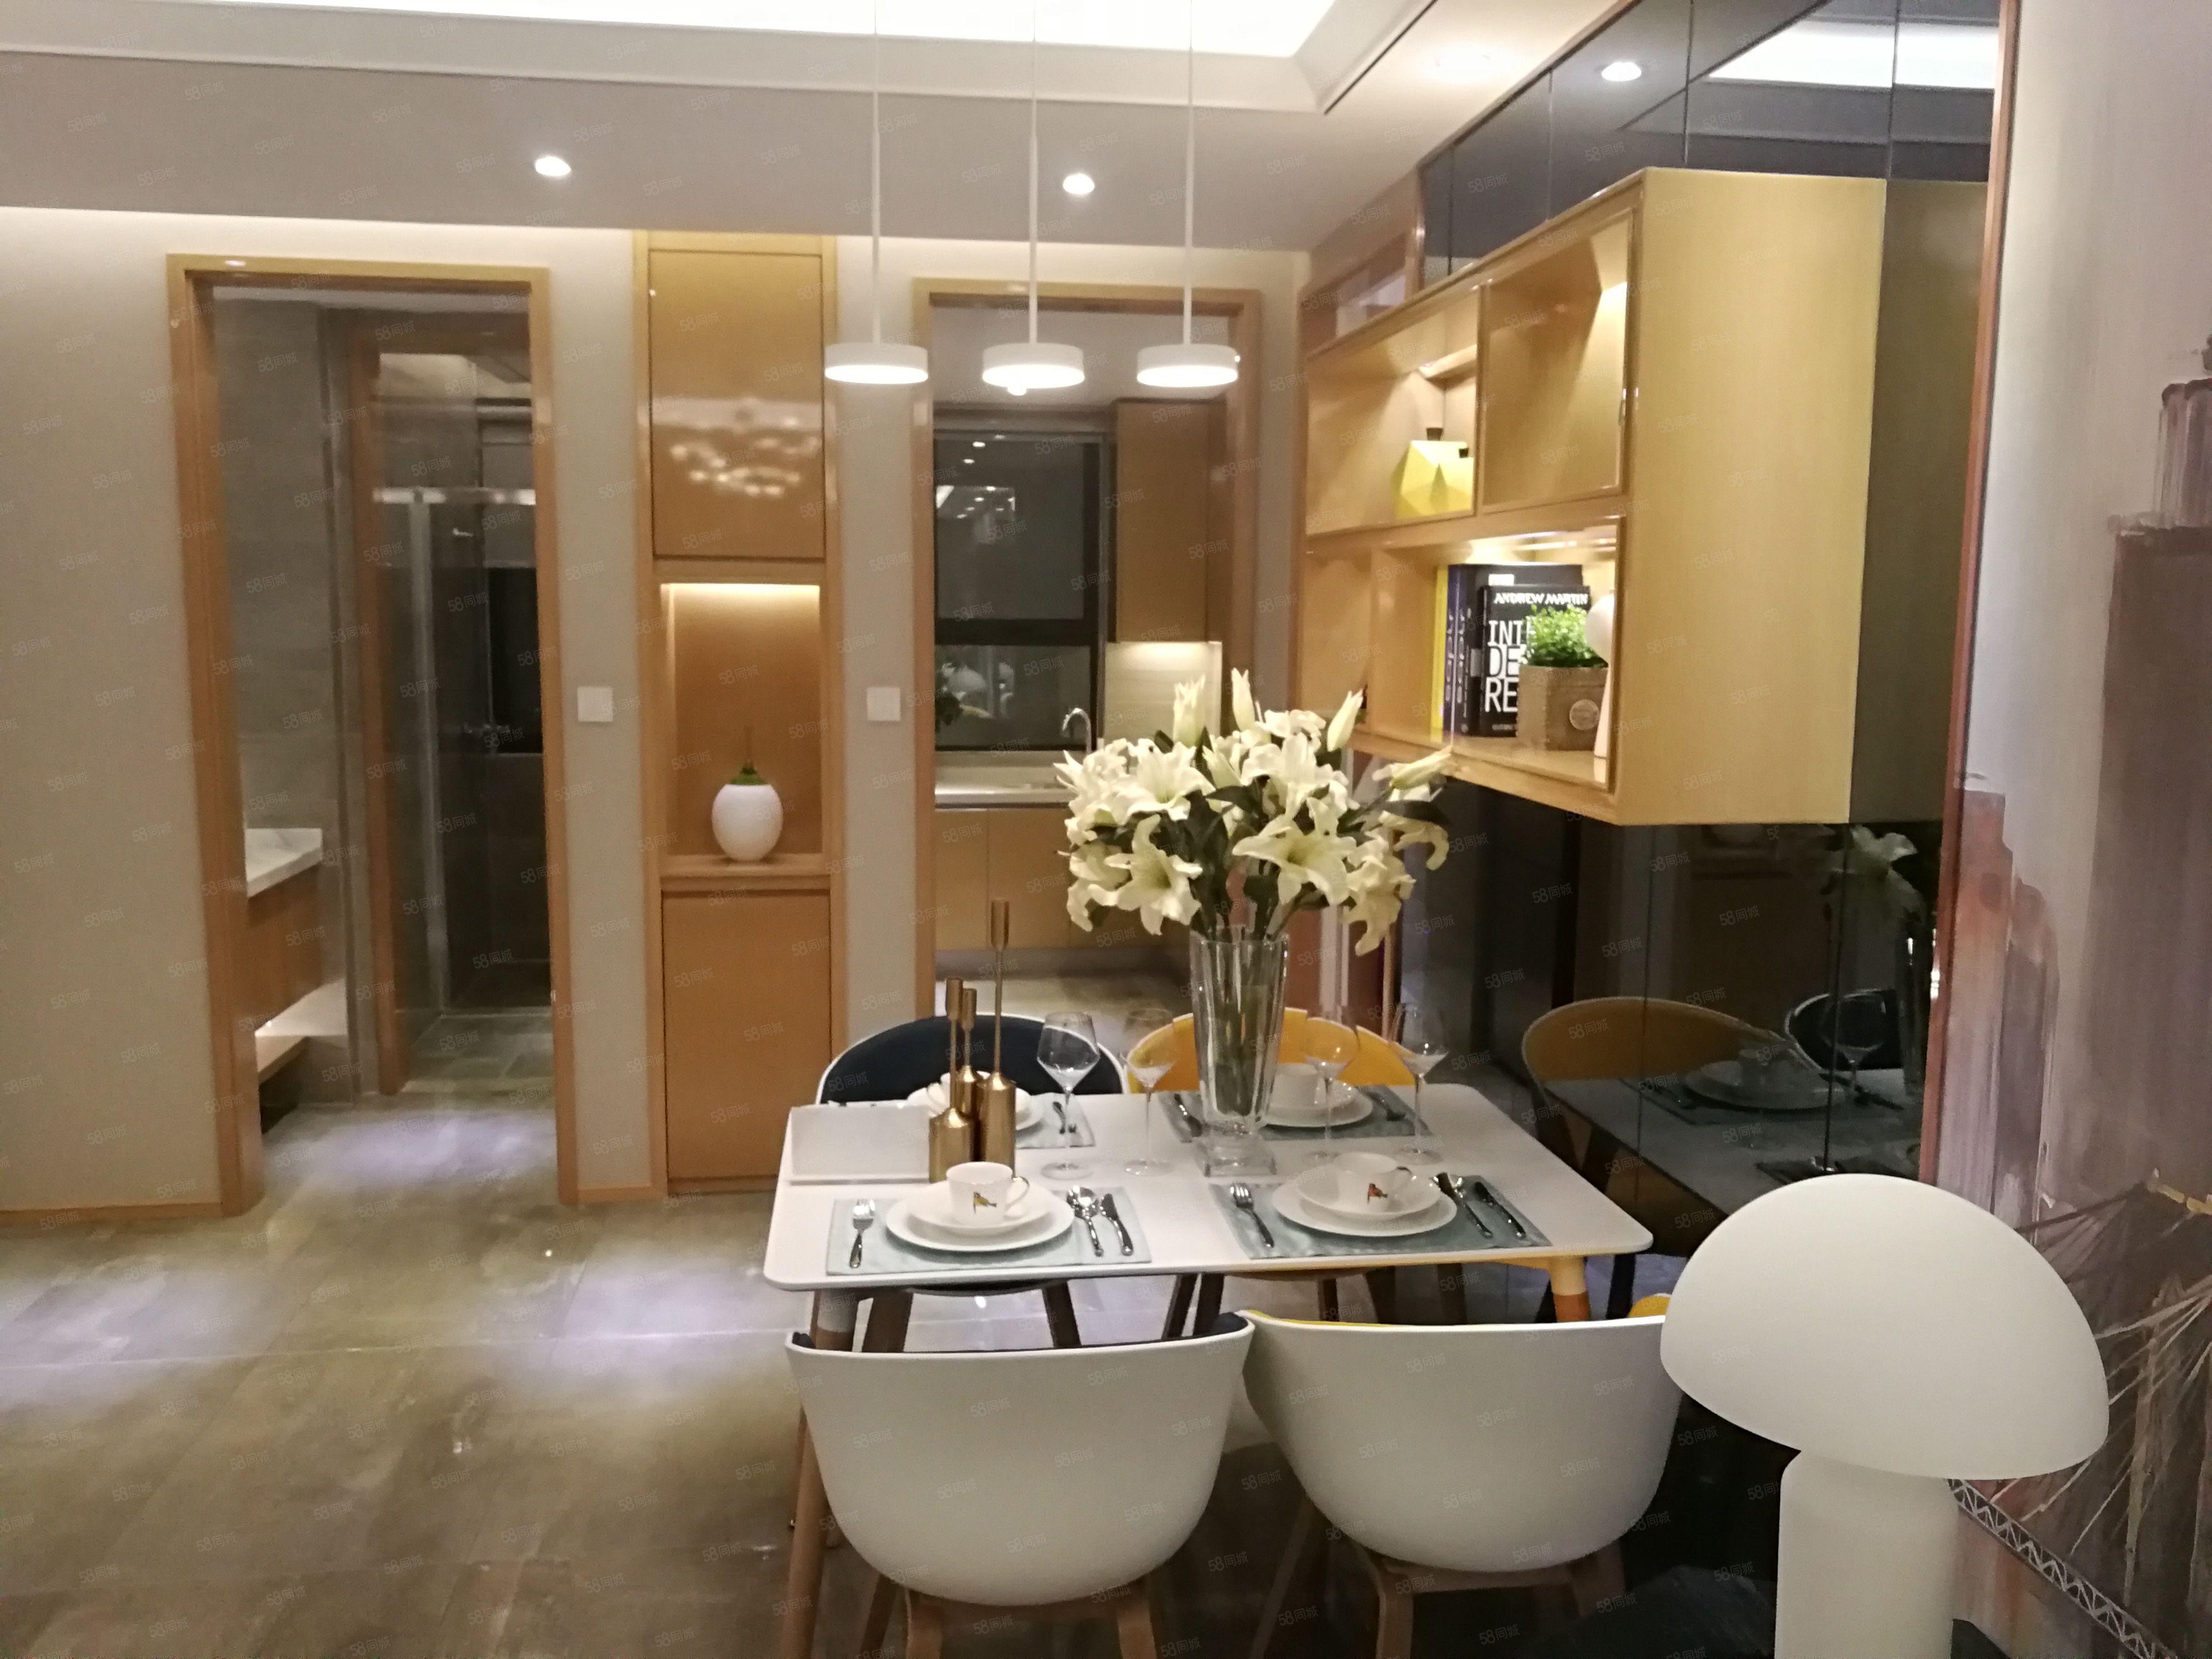 安纳西唯一一套一楼,价格9500可用公积金准地铁口首付分期